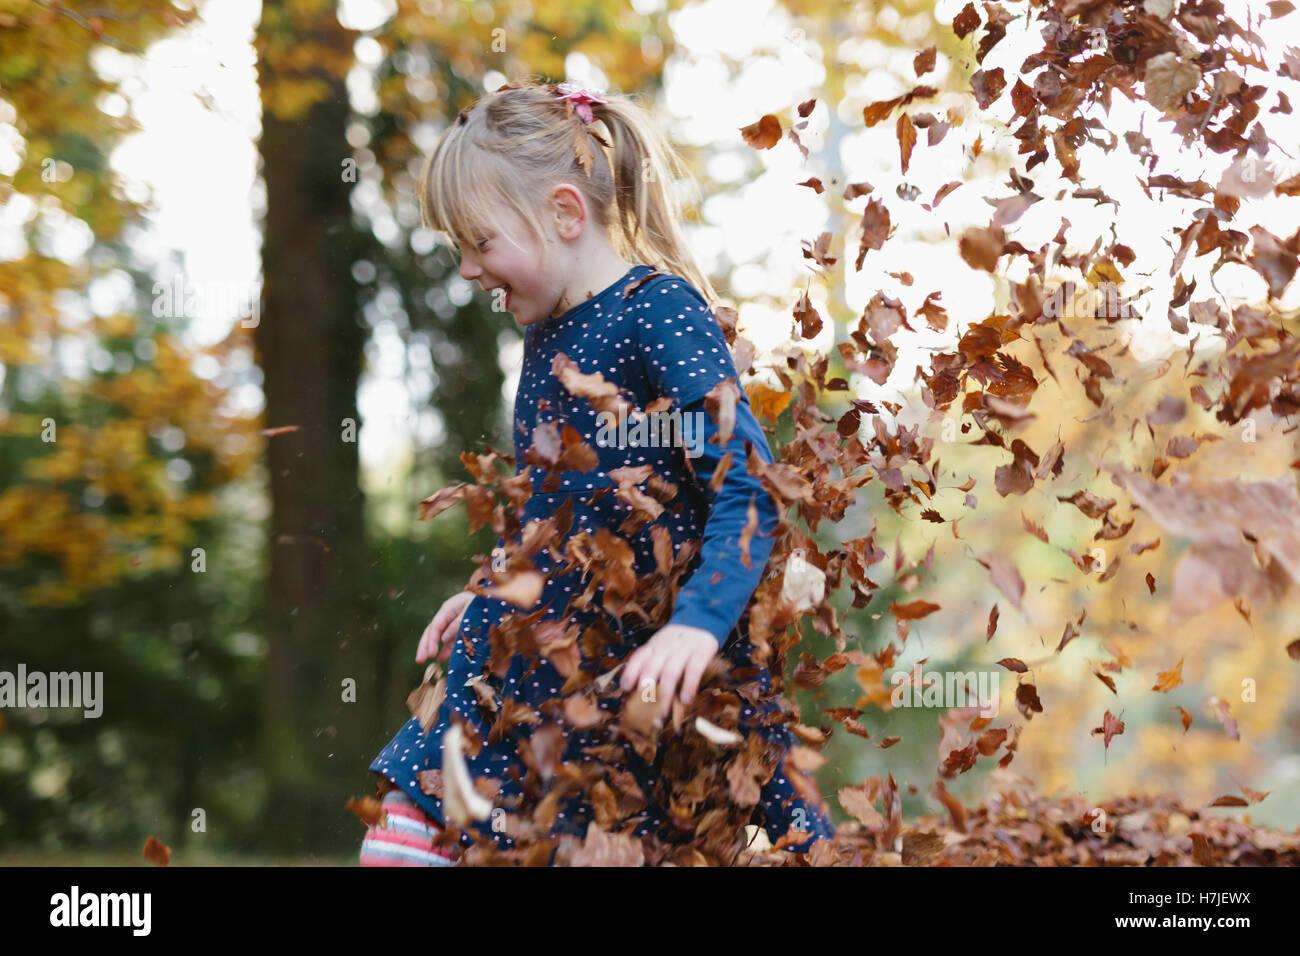 Feliz otoño. Niña jugando en el montón de hojas secas en otoño del parque. Imagen De Stock